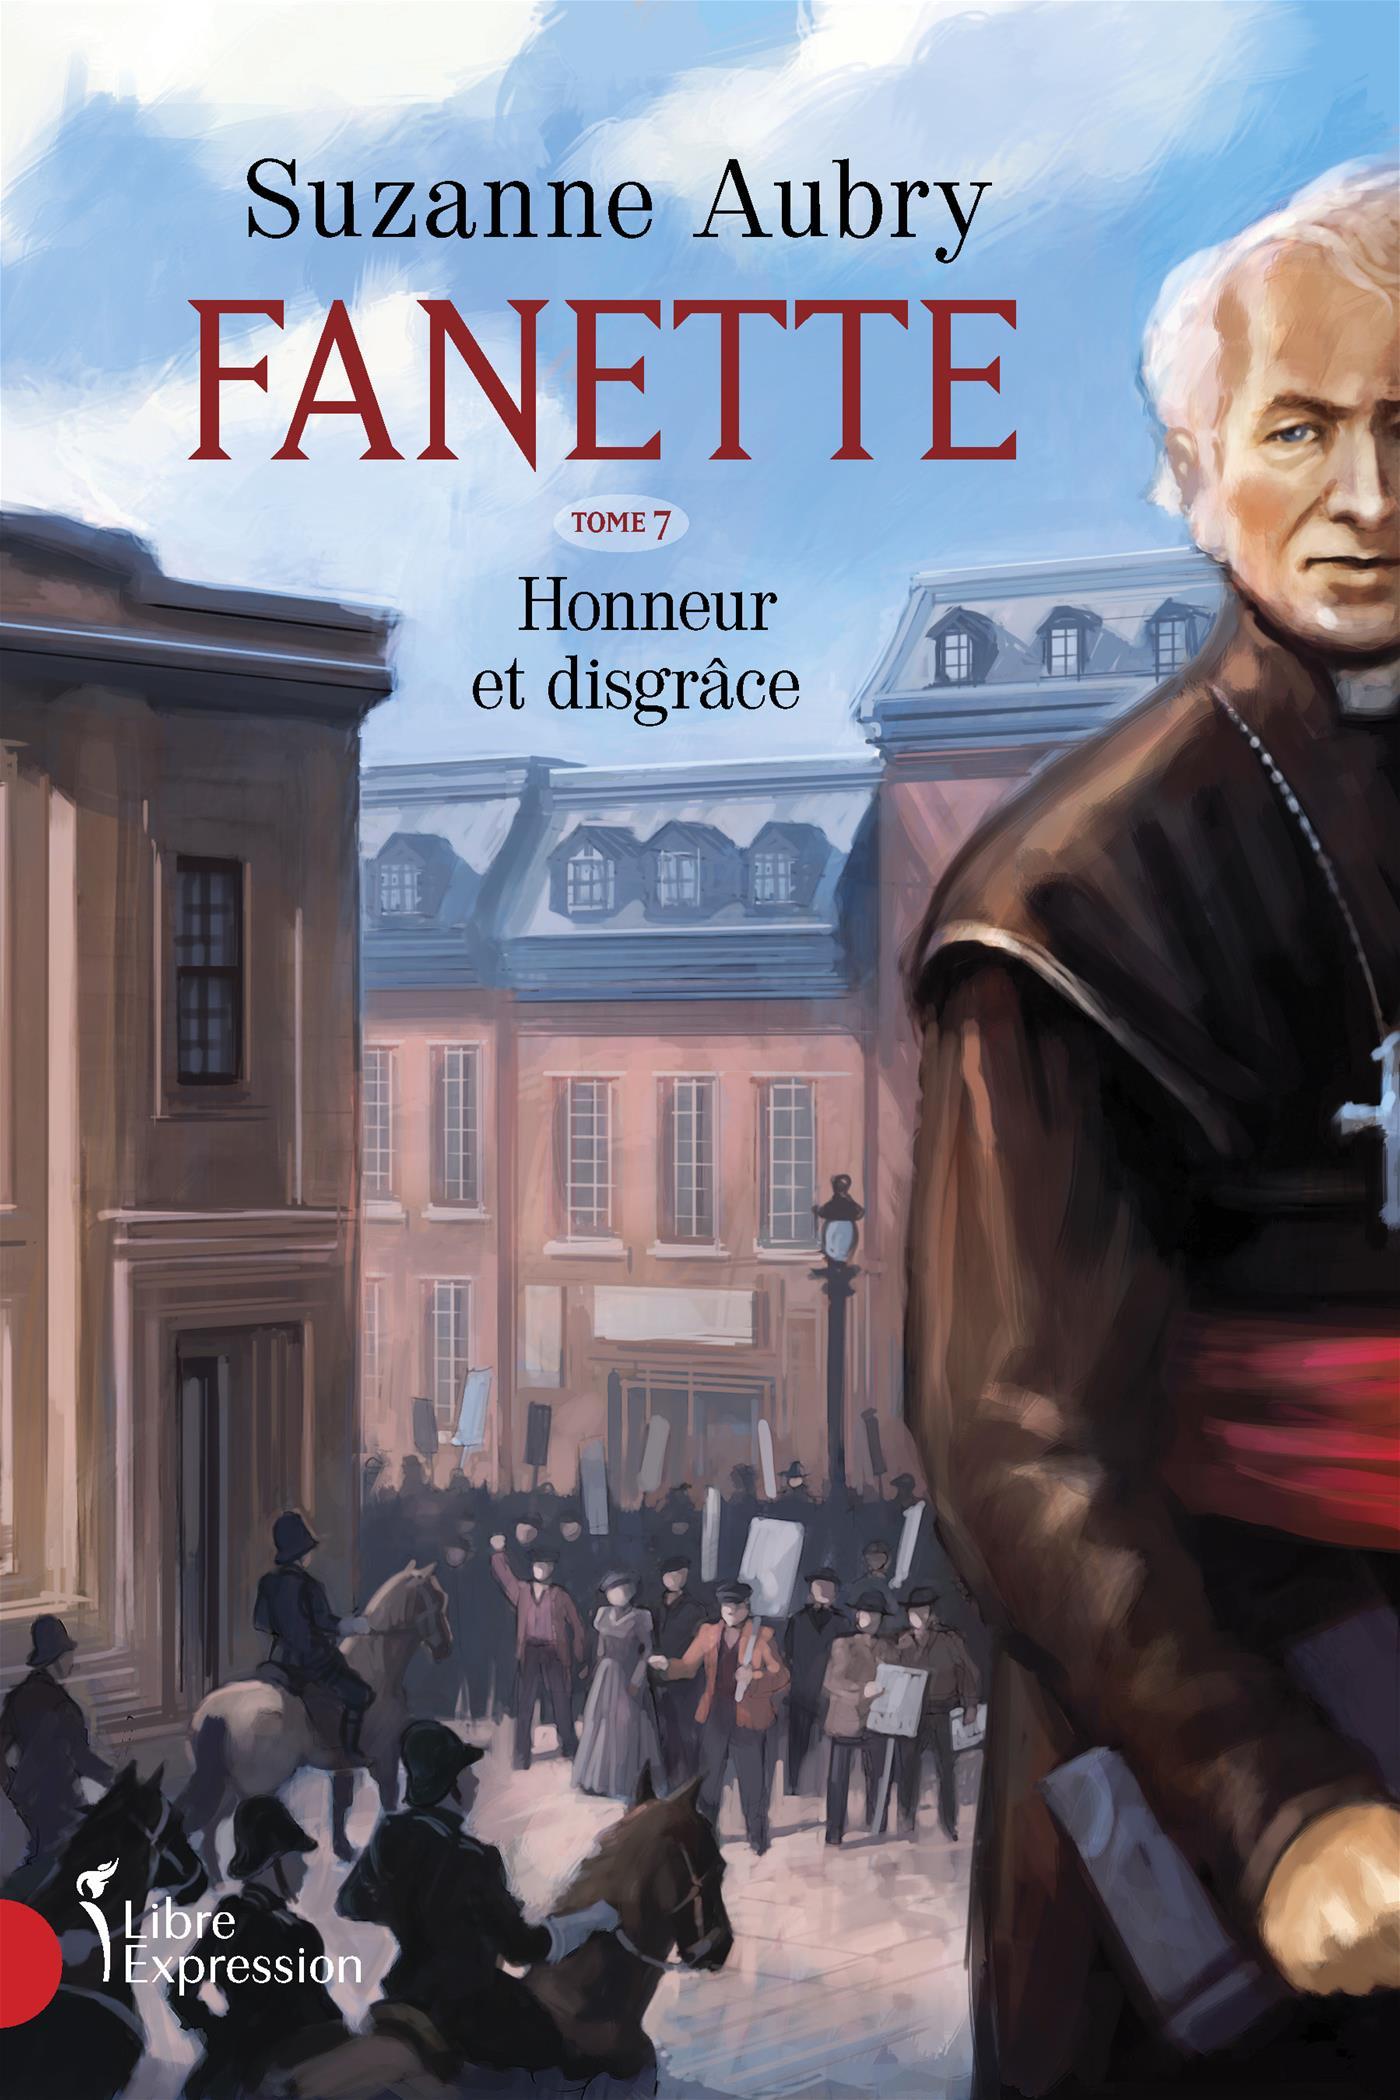 Fanette, tome 7